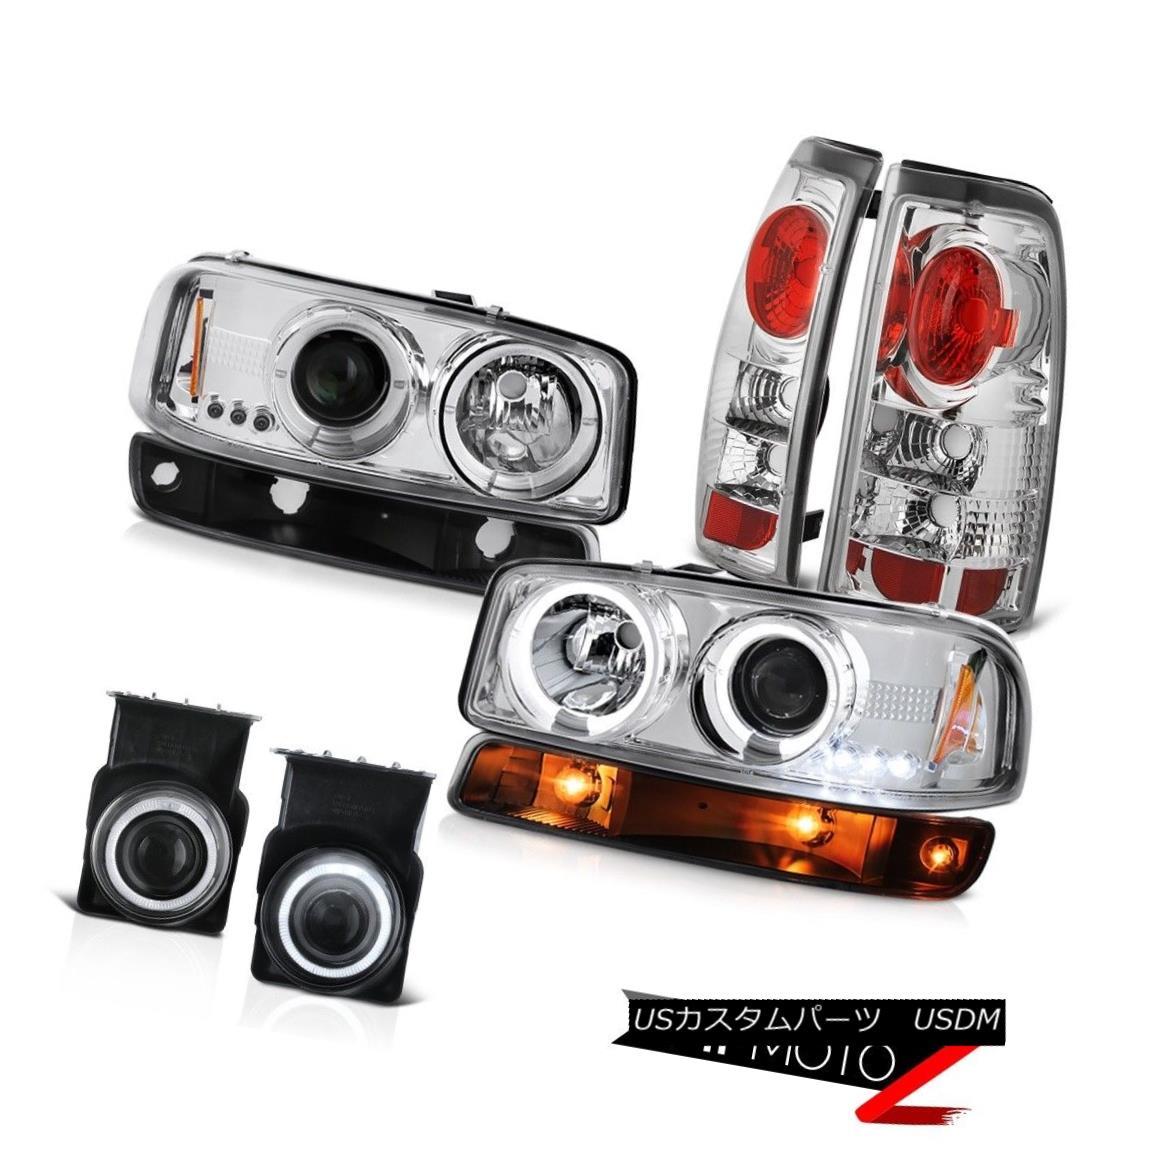 テールライト 03 04 05 06 Sierra 4.3L Chrome foglights taillamps bumper light headlights LED 03 04 05 06シエラ4.3LクロームフォグライトテールライトバンパーライトヘッドライトLED